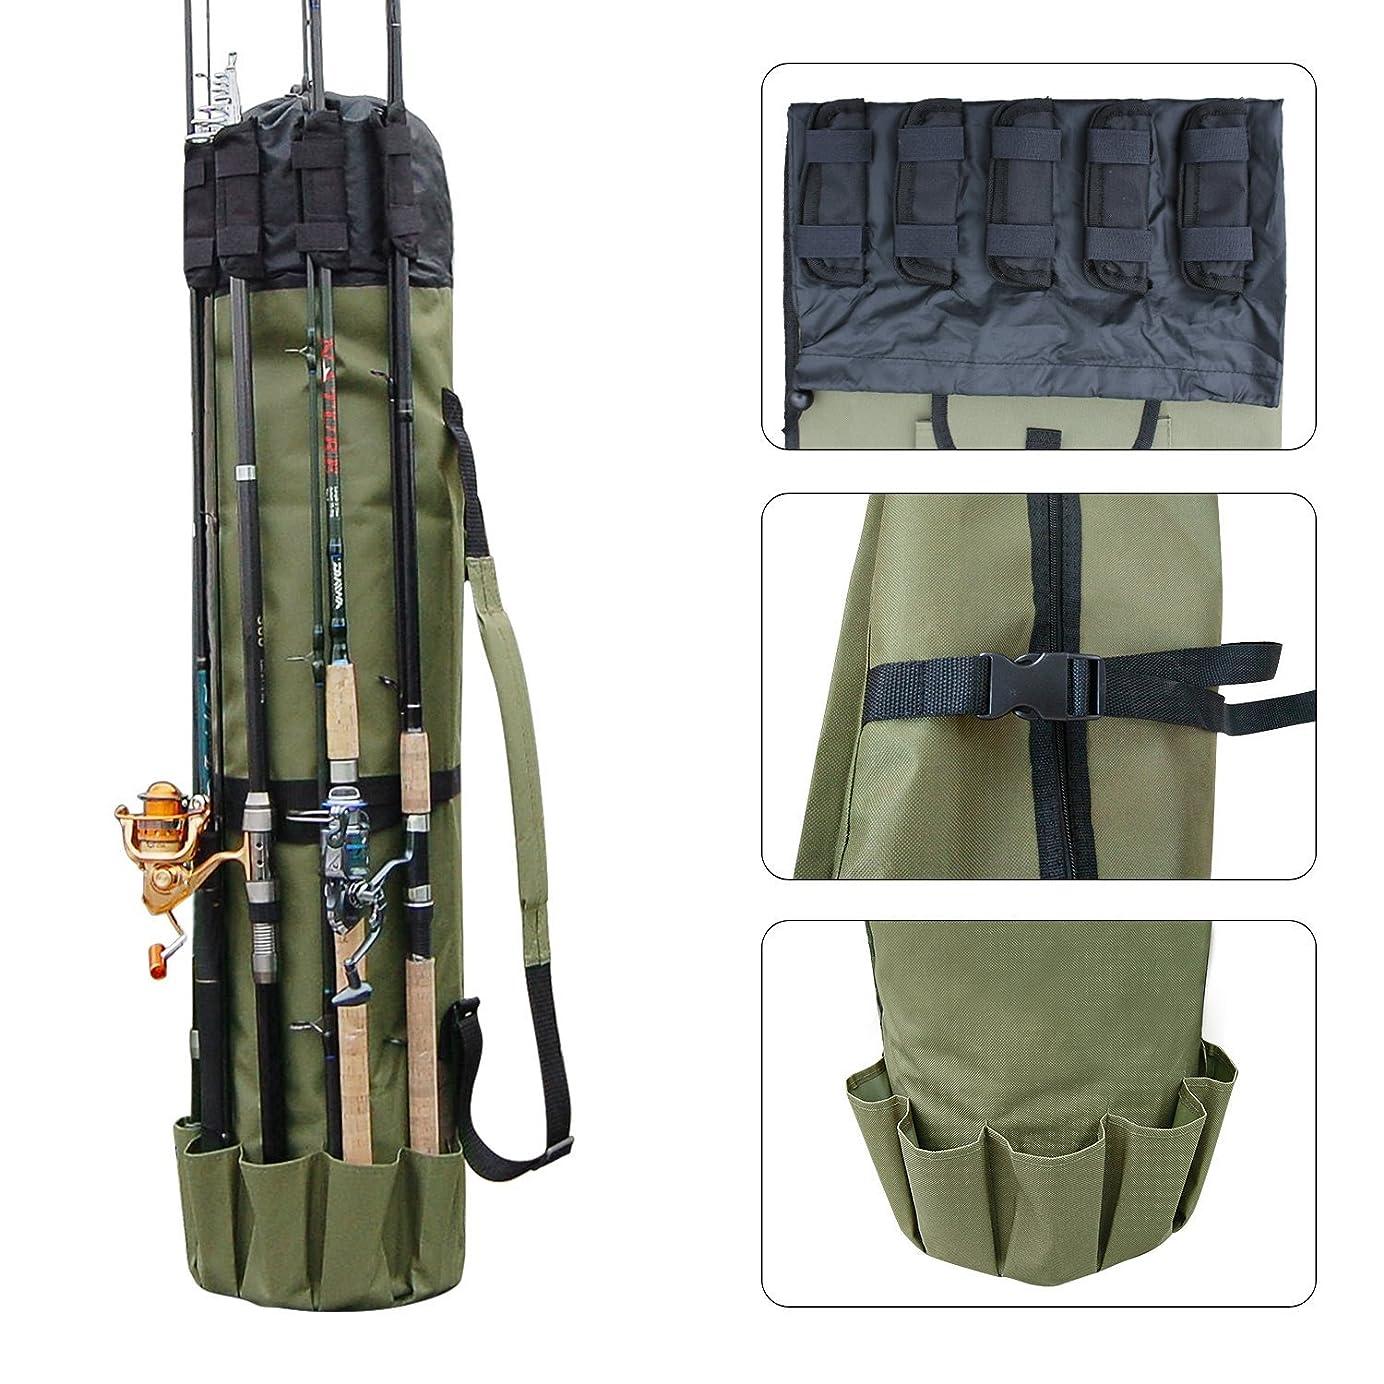 なかなか不公平憎しみ多機能 布製 ロッドスタンド 5本ロッド挿入可 大容量 軽量 防水 釣り竿ケース 手提げ 肩掛け